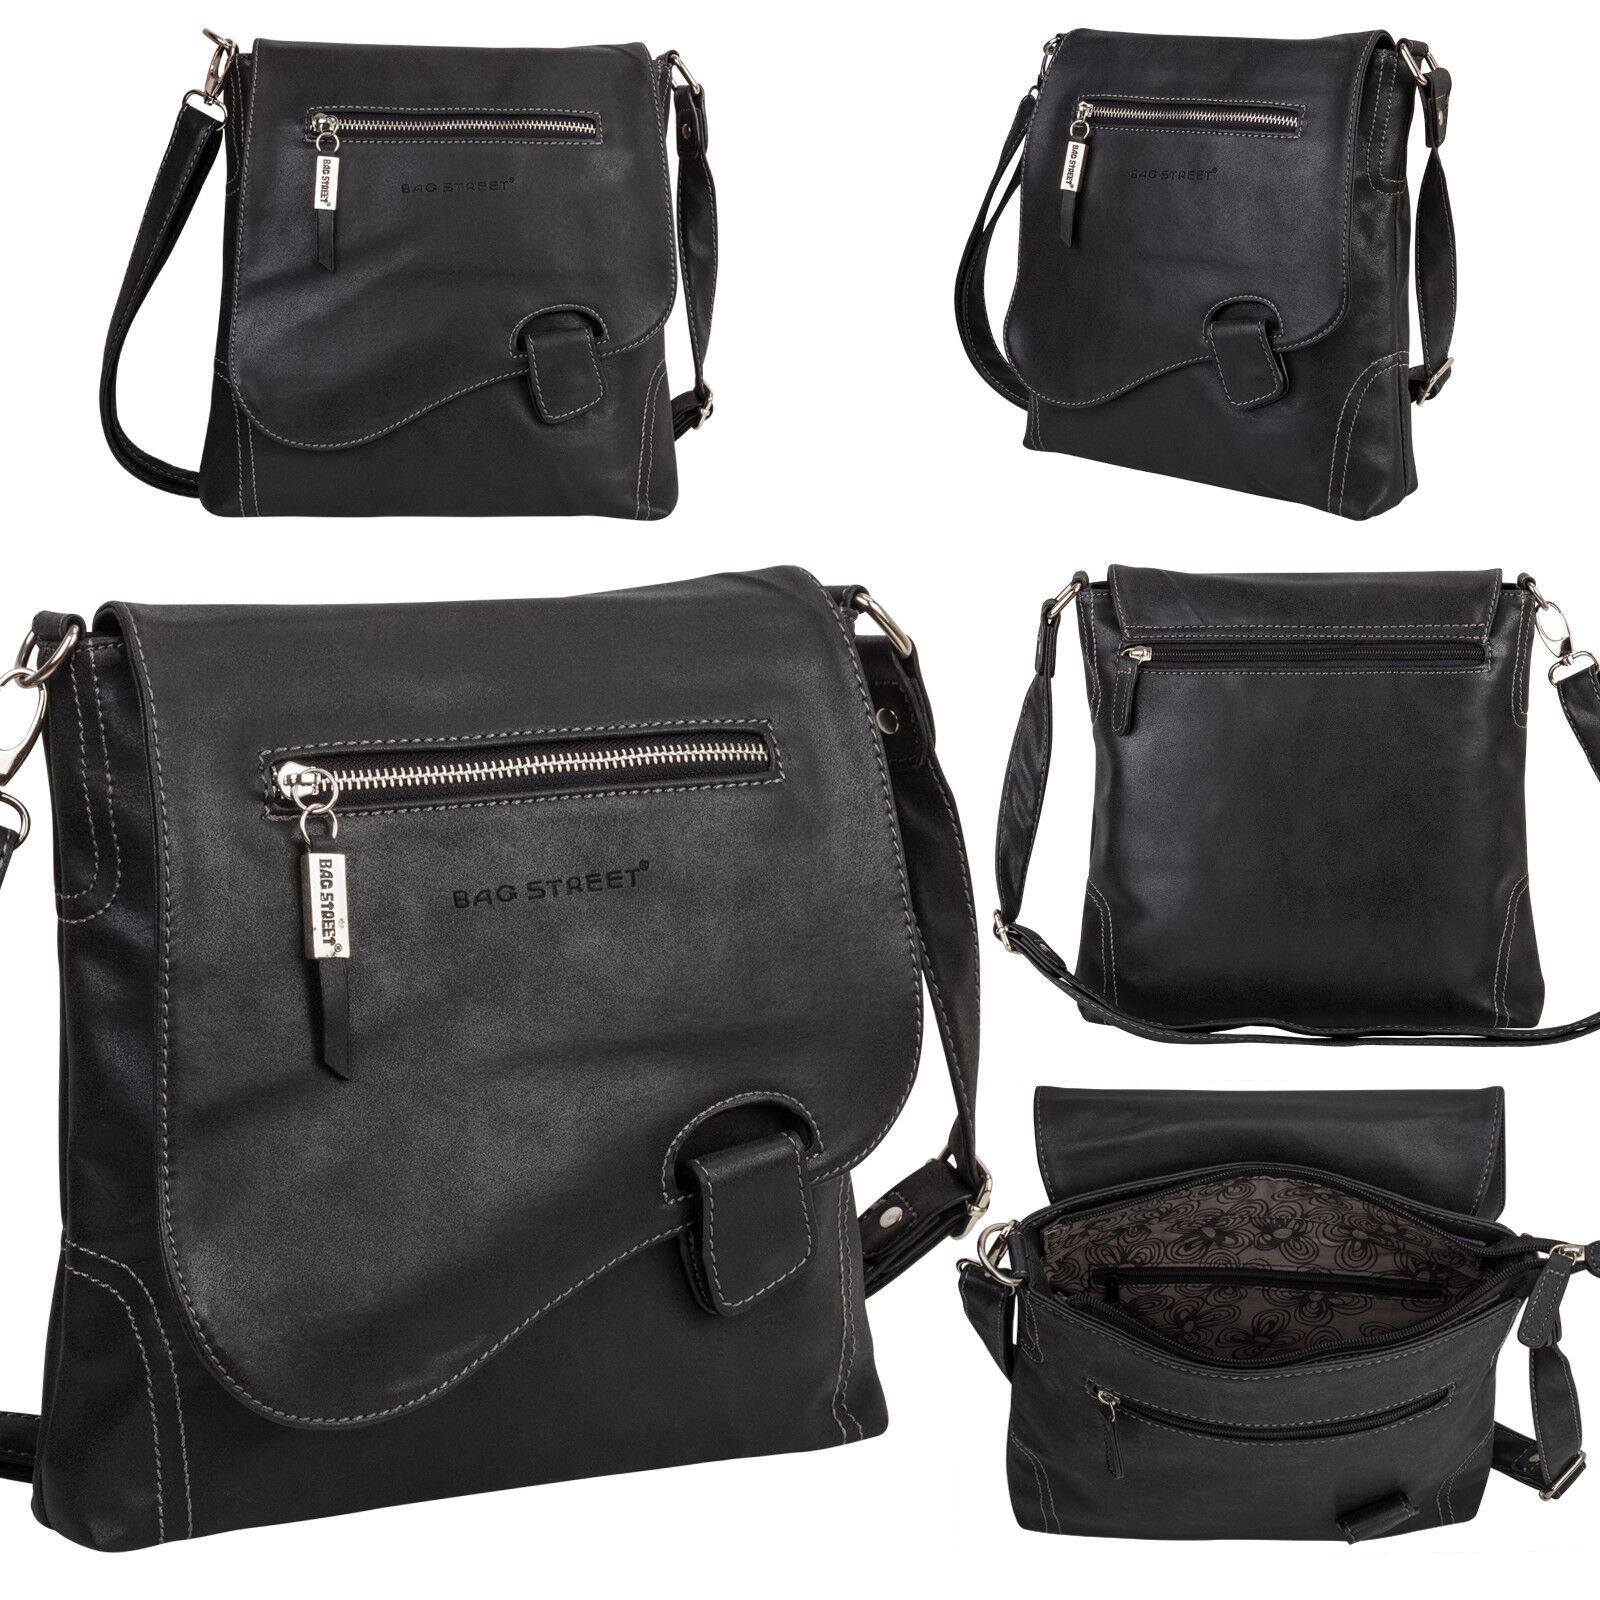 Bag Street Damentasche Umhängetasche Handtasche Schultertasche K2 T0104 Schwarz